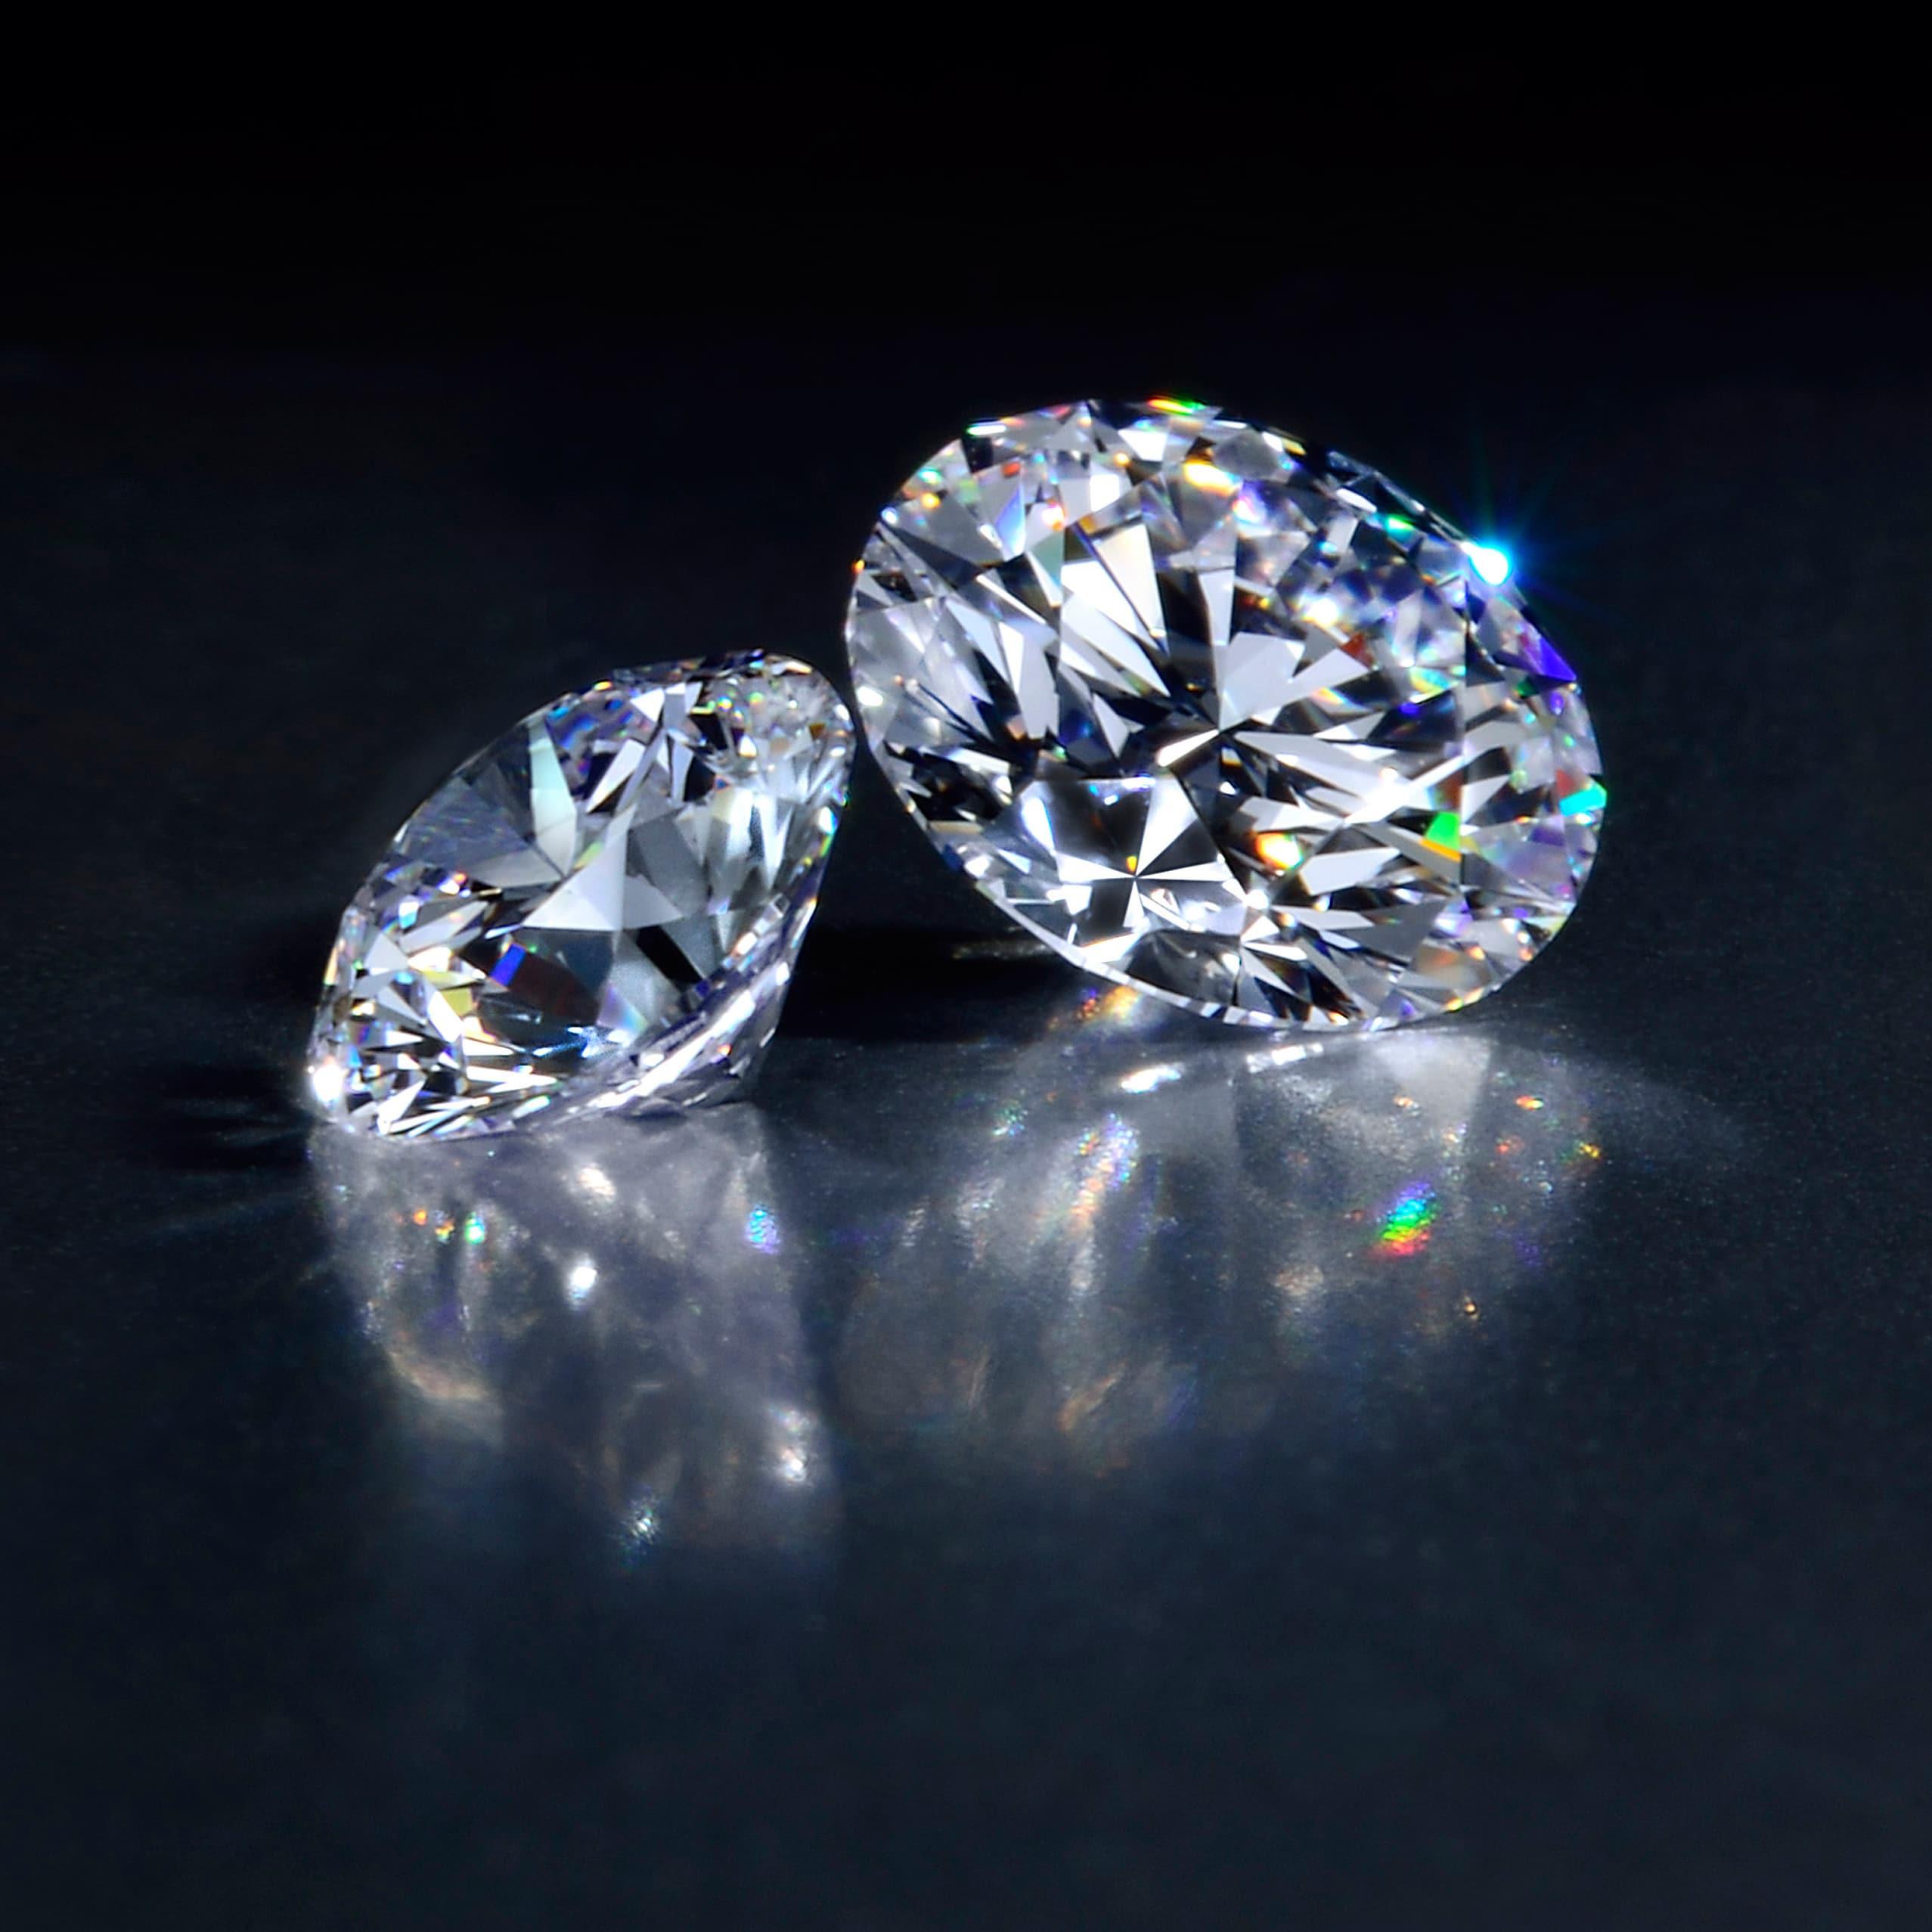 キラキラきれいな「ダイヤモンドプロポーズ」のイメージ